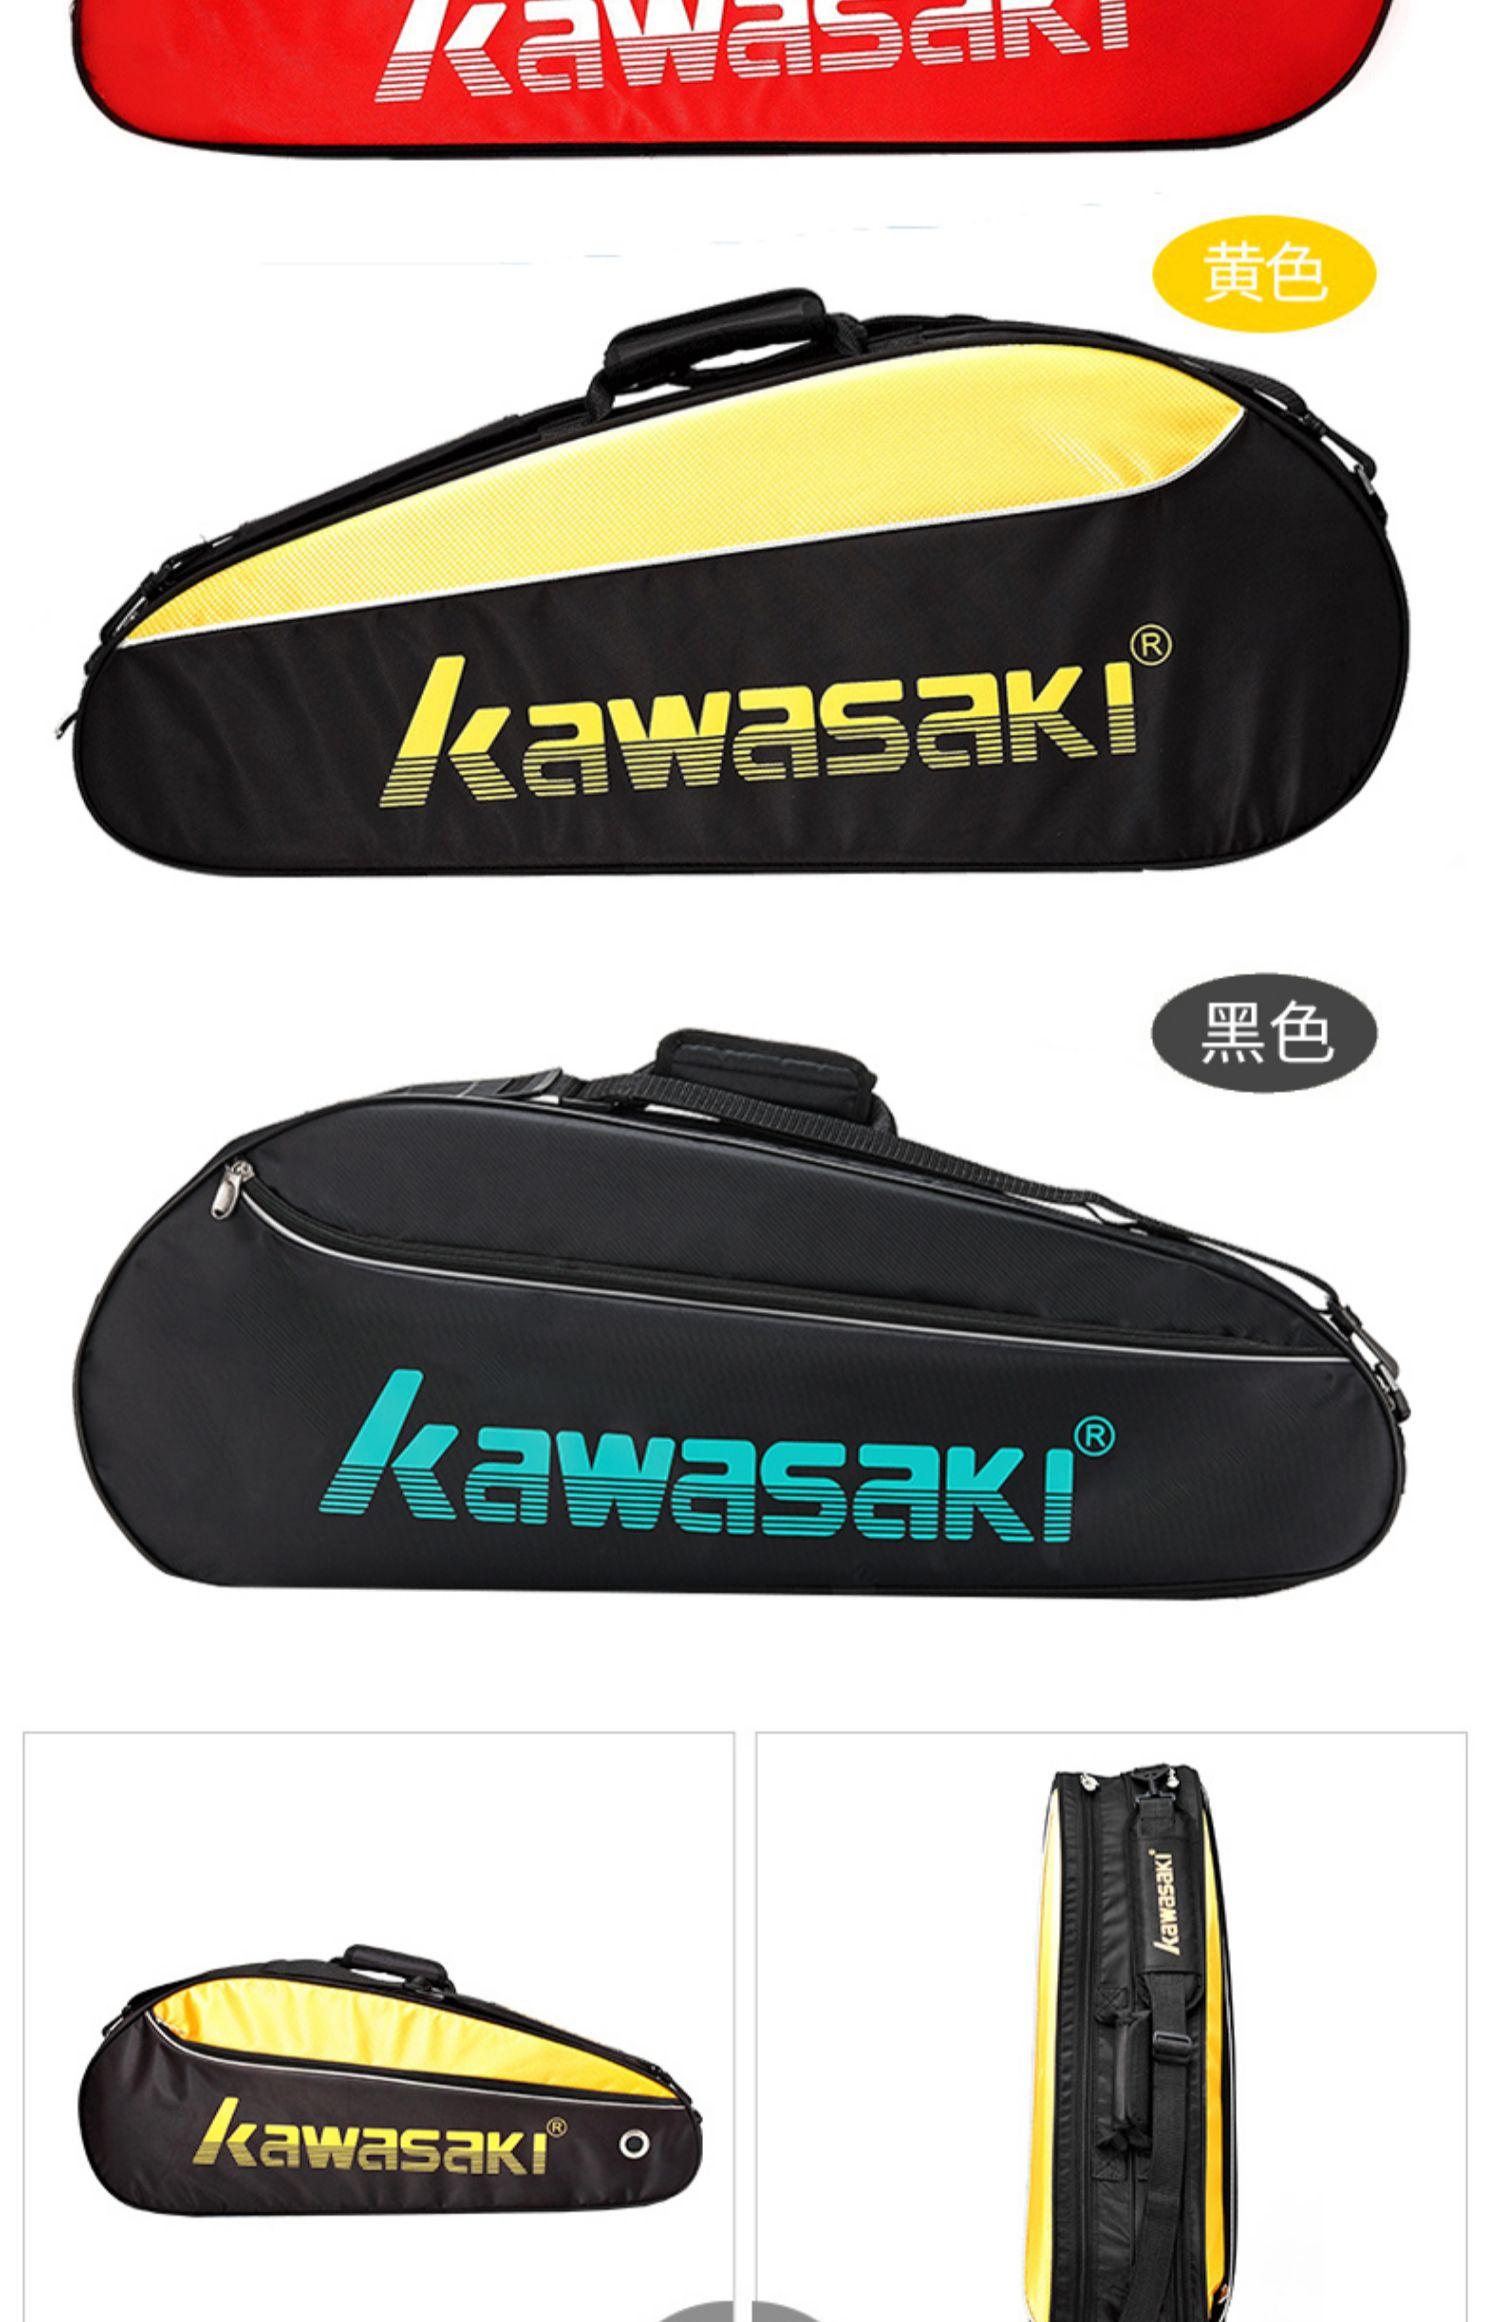 羽毛球包雙肩單肩背包網球包男女便攜手提多功能羽毛球拍包袋-阿里巴巴